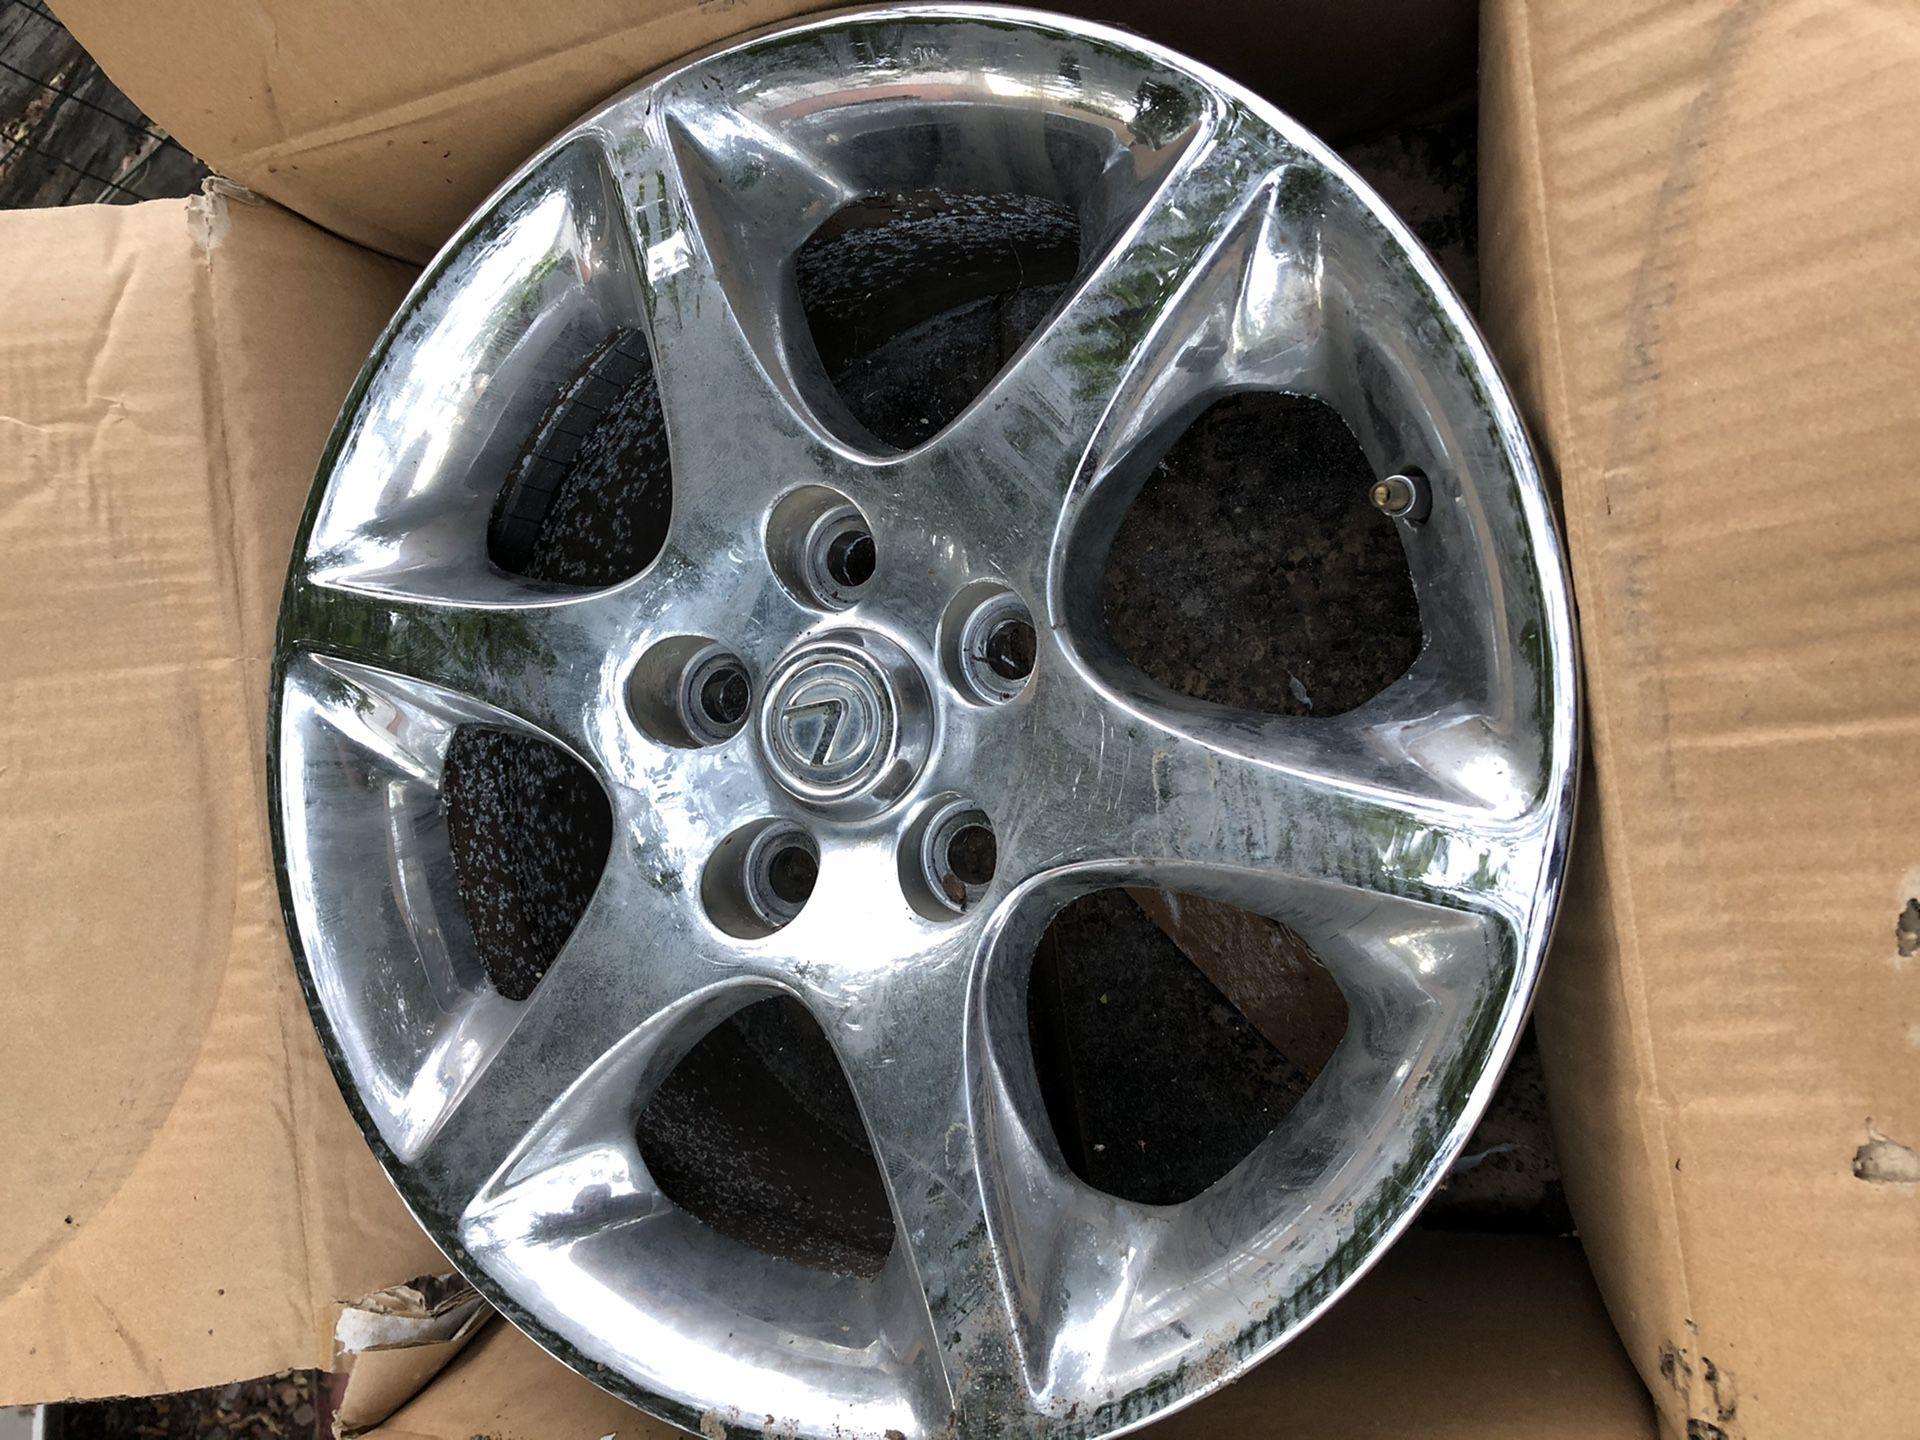 Wheels (rims) set of 4 off a 2004 Lexus GS300